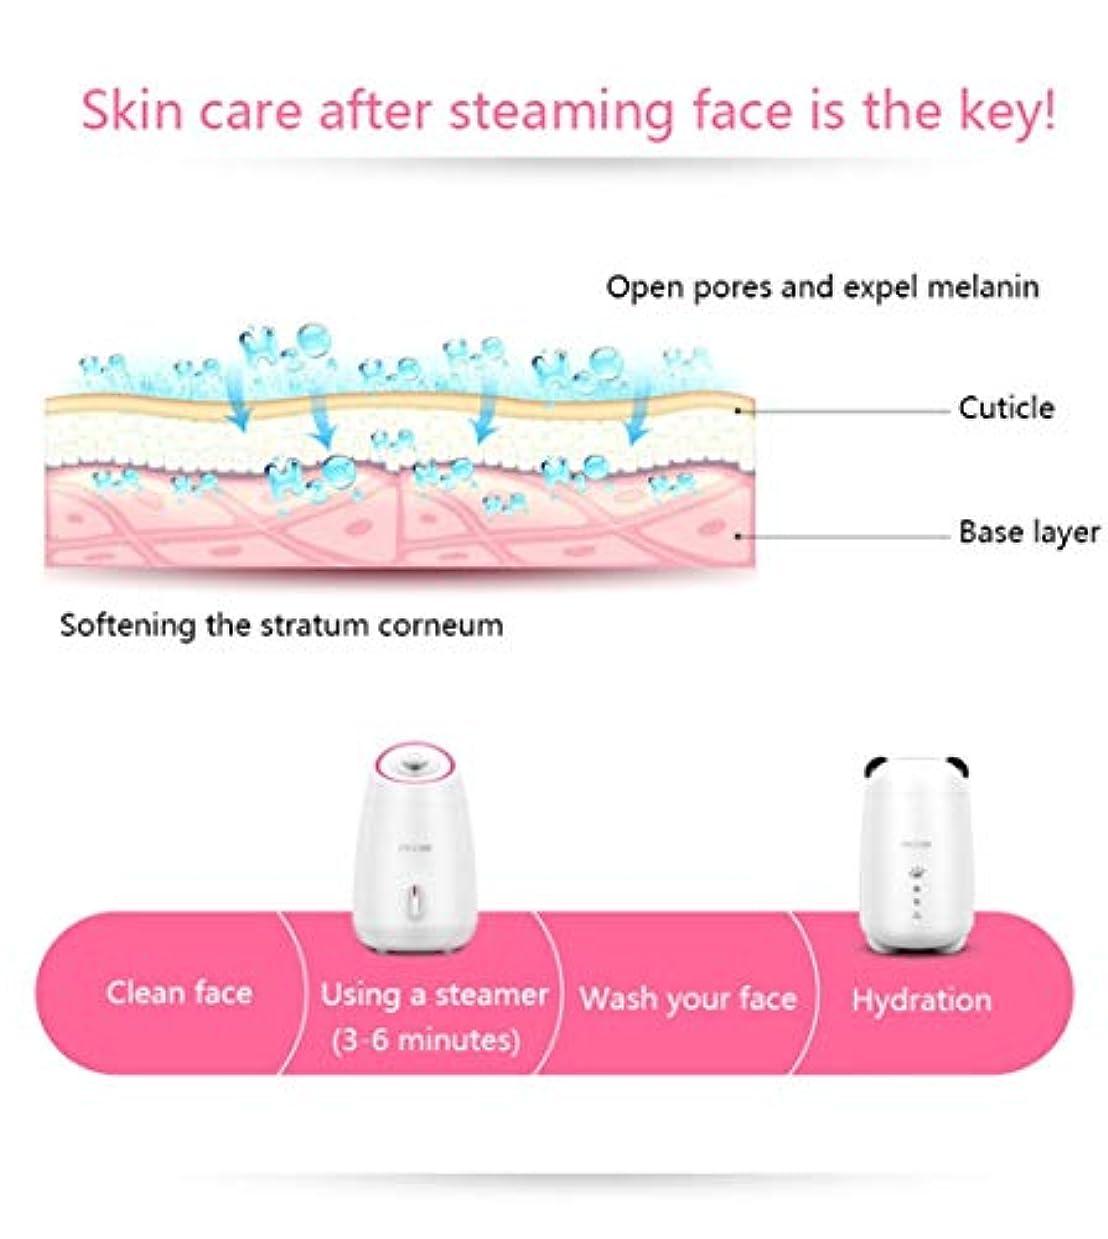 餌ネコ農学ミストモイスチャライジング?フェイシャルSteamerHotミストフェイスSteameにきび洗顔水分補給ホームサウナSPAスキンケアアトマイザー加湿器 (Color : ピンク)